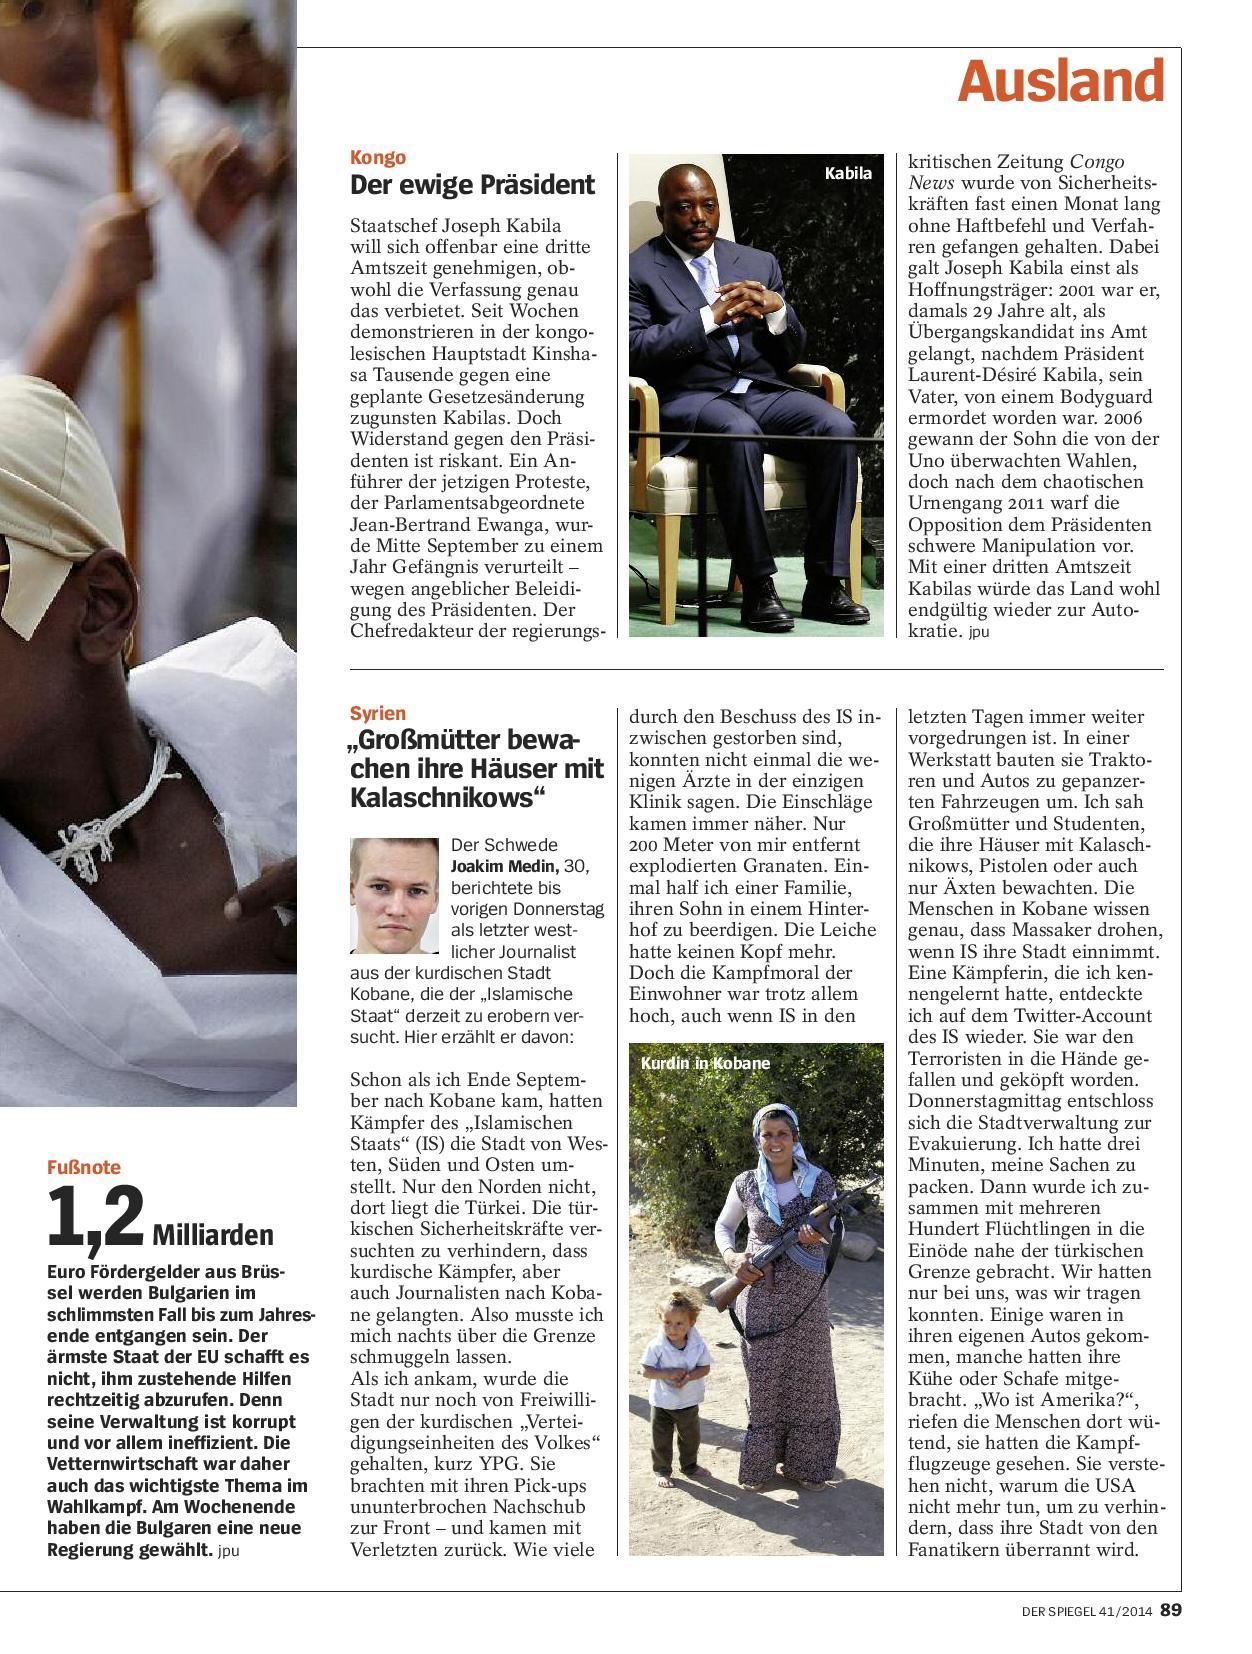 Syrien, Der Spiegel-page-001